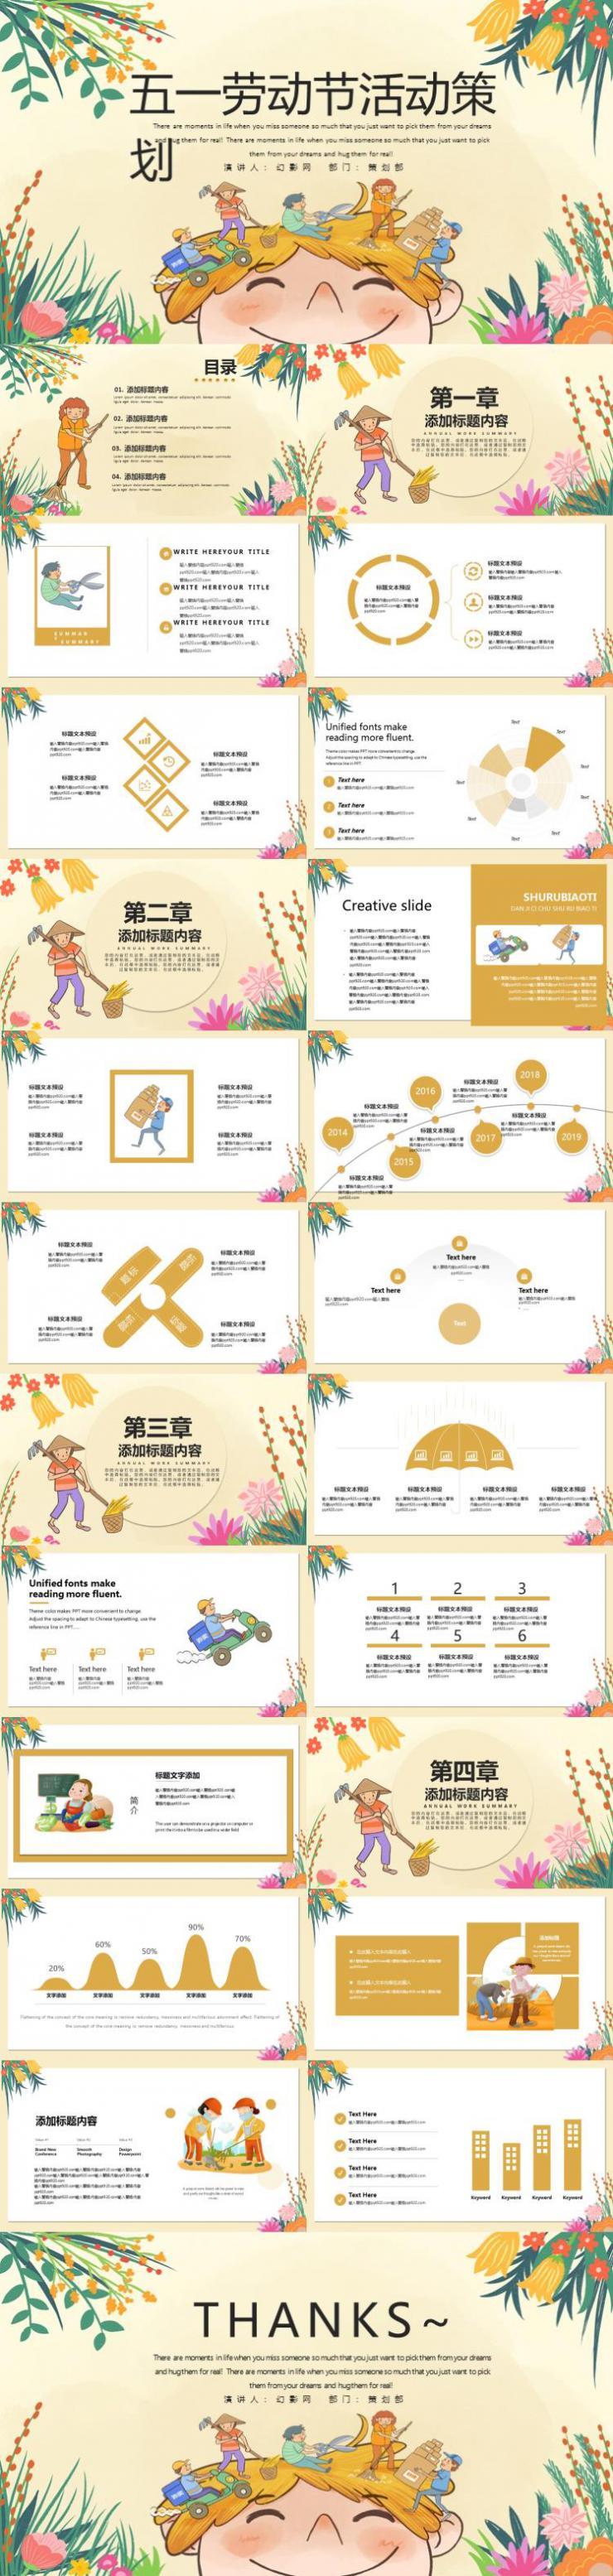 可爱卡通五一劳动节活动策划PPT模板